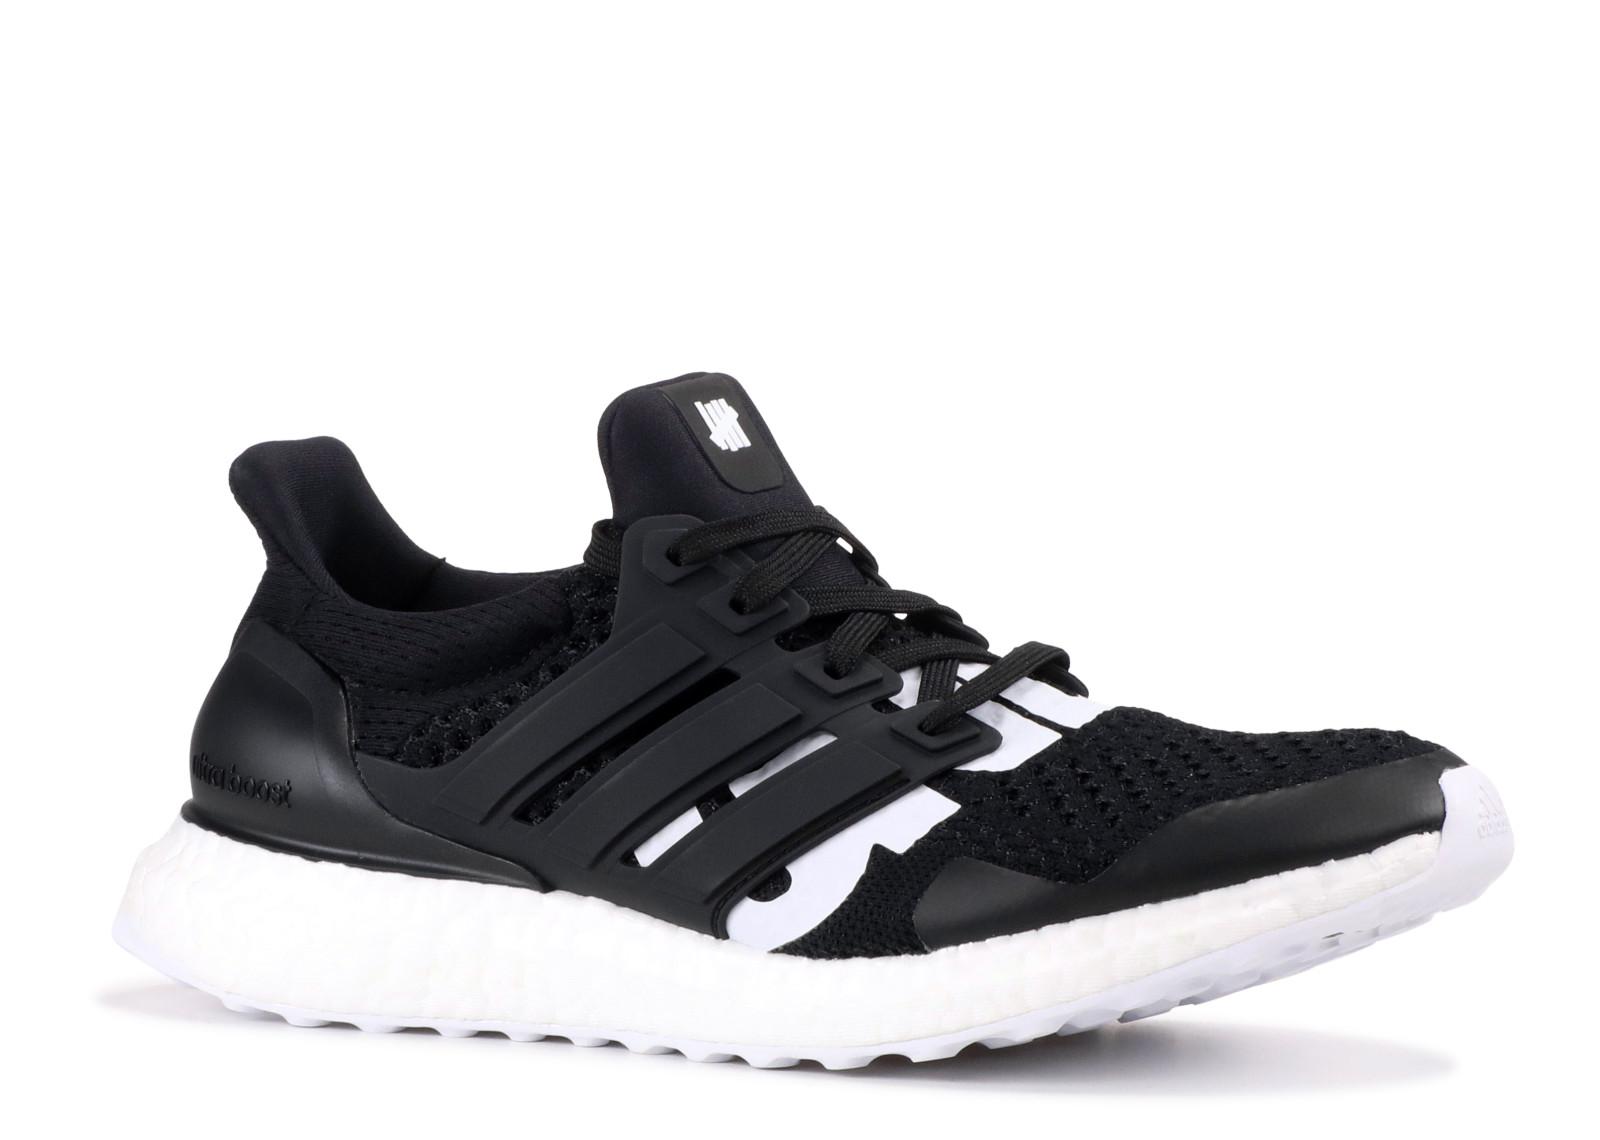 01875f9d81f adidas Ultra Boost 1.0 UNDFTD Black - 1